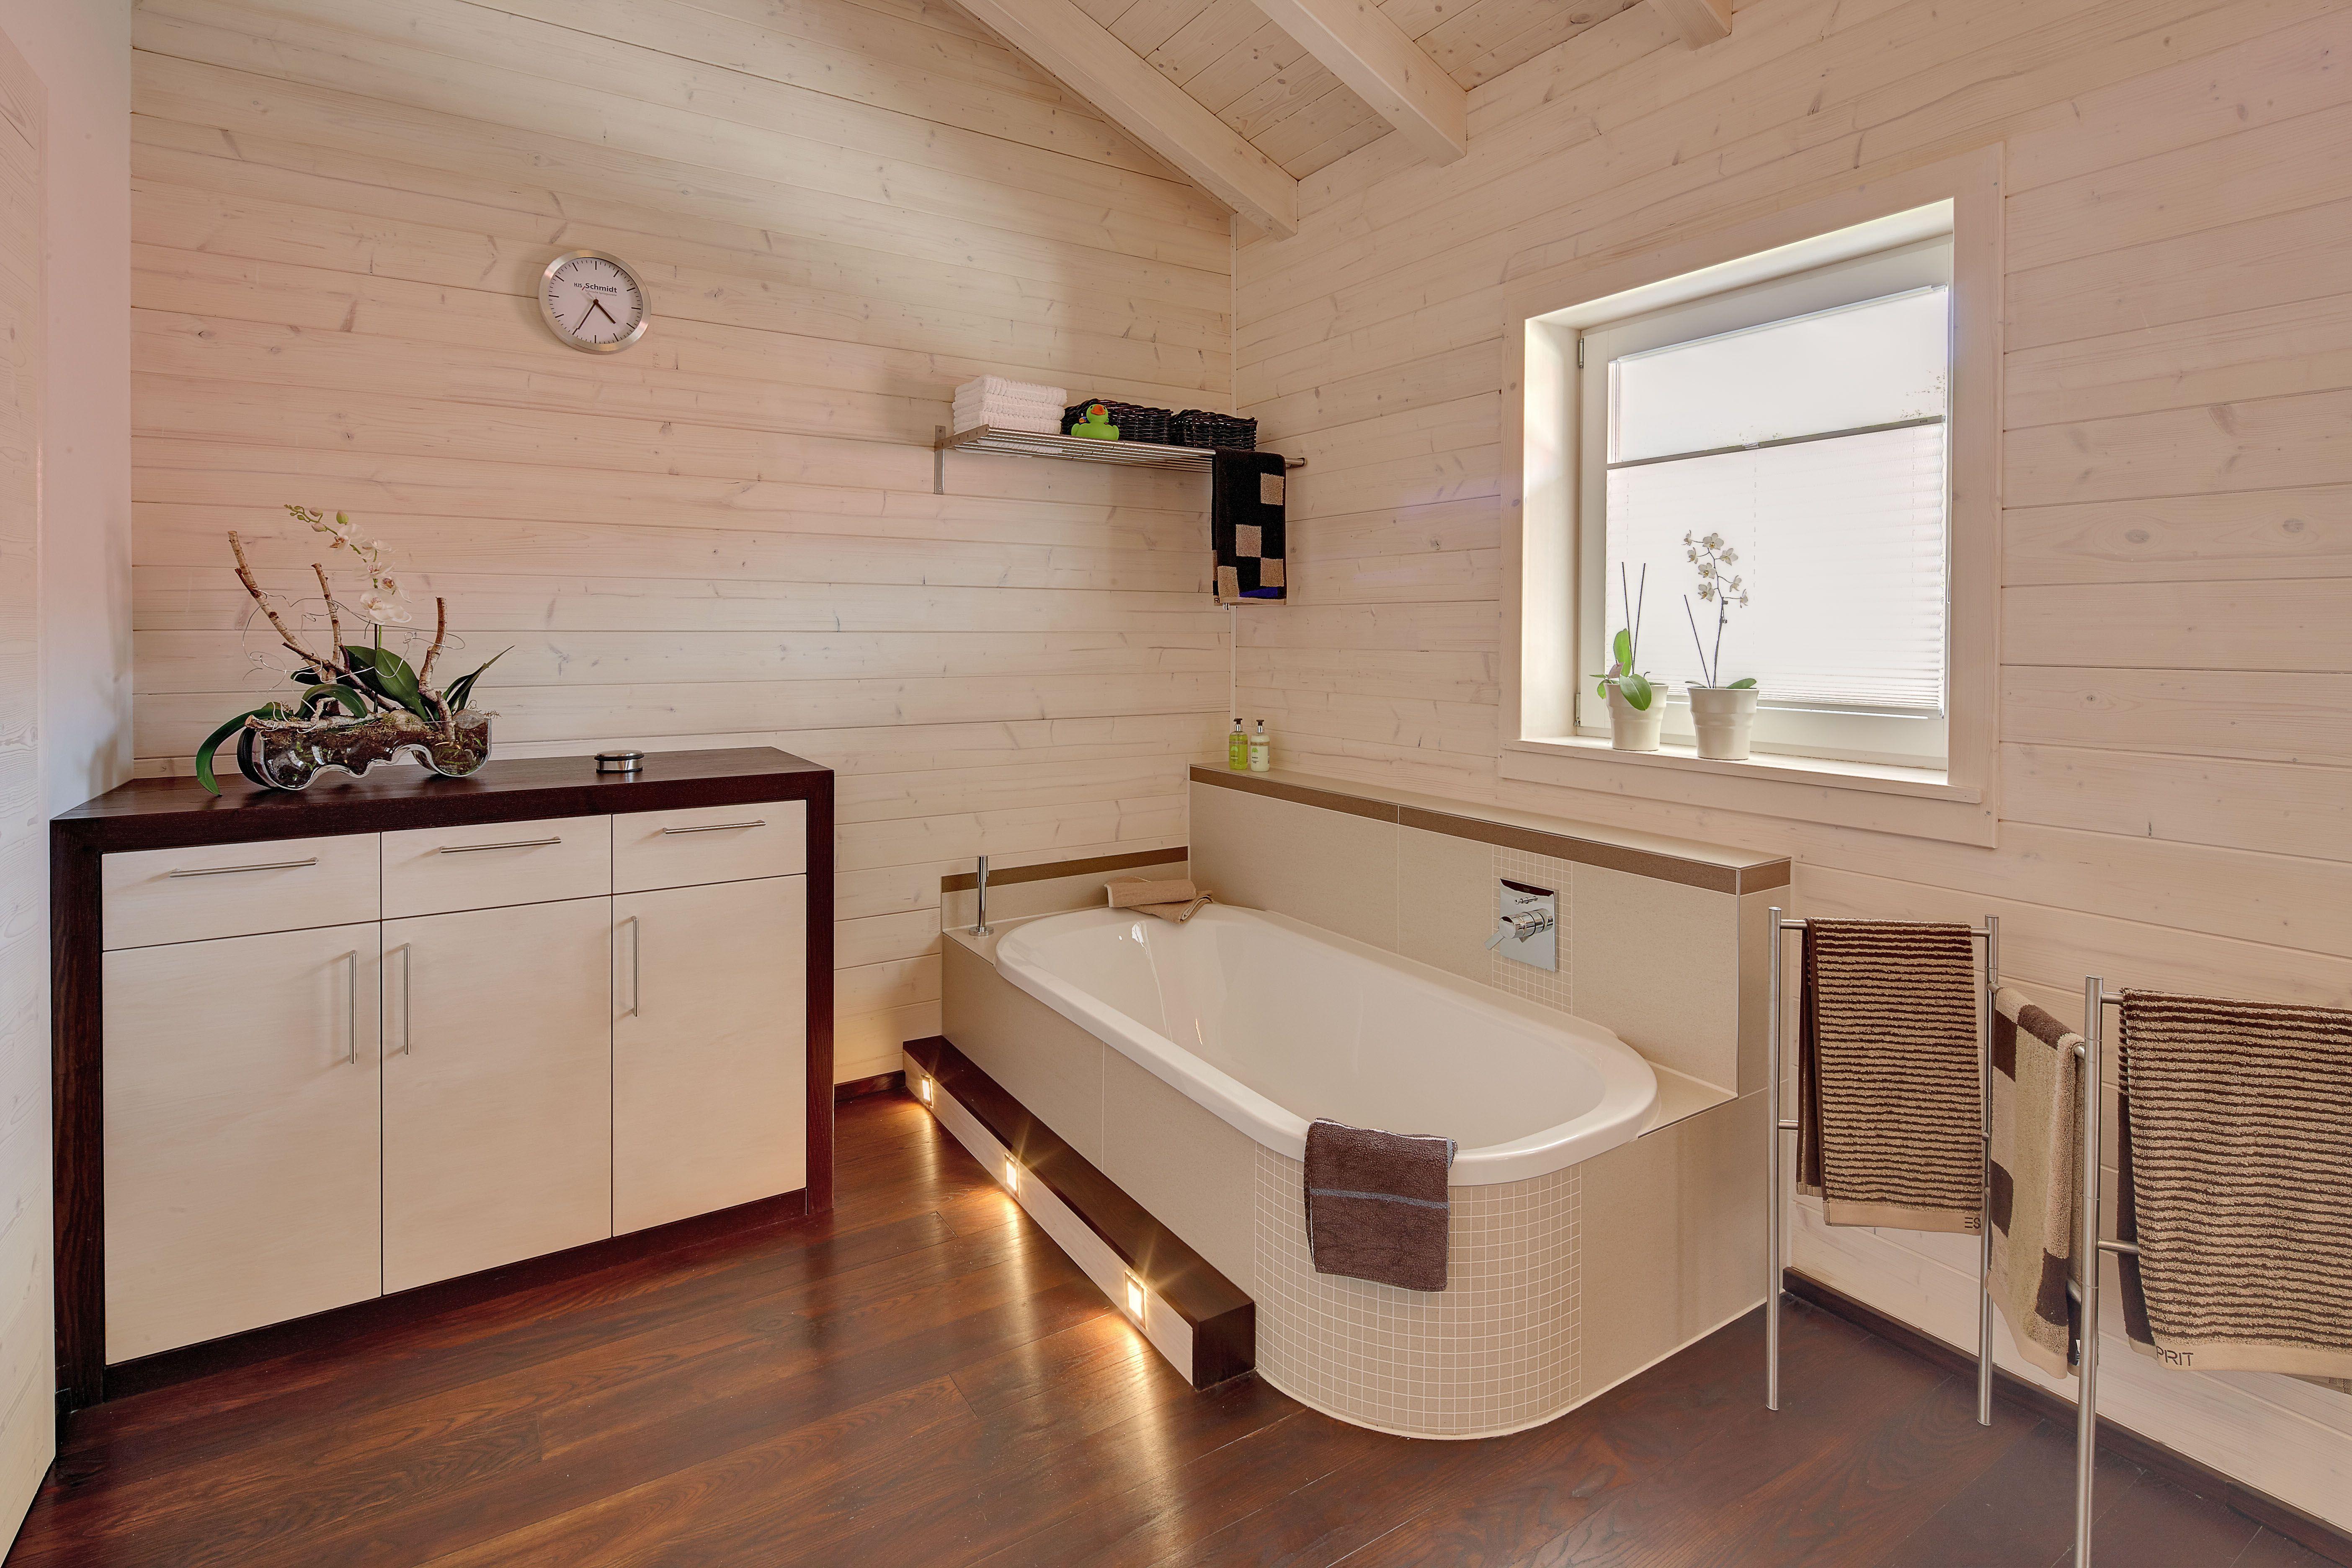 Holzdecke Im Bad Stunning Holz Macht Das Bad Wohnlich Badezimmer Bad Mit Trends Bilder 2020 Holzdecke Badewanne Stufe Im Fli In 2020 Corner Bathtub Design Bathtub